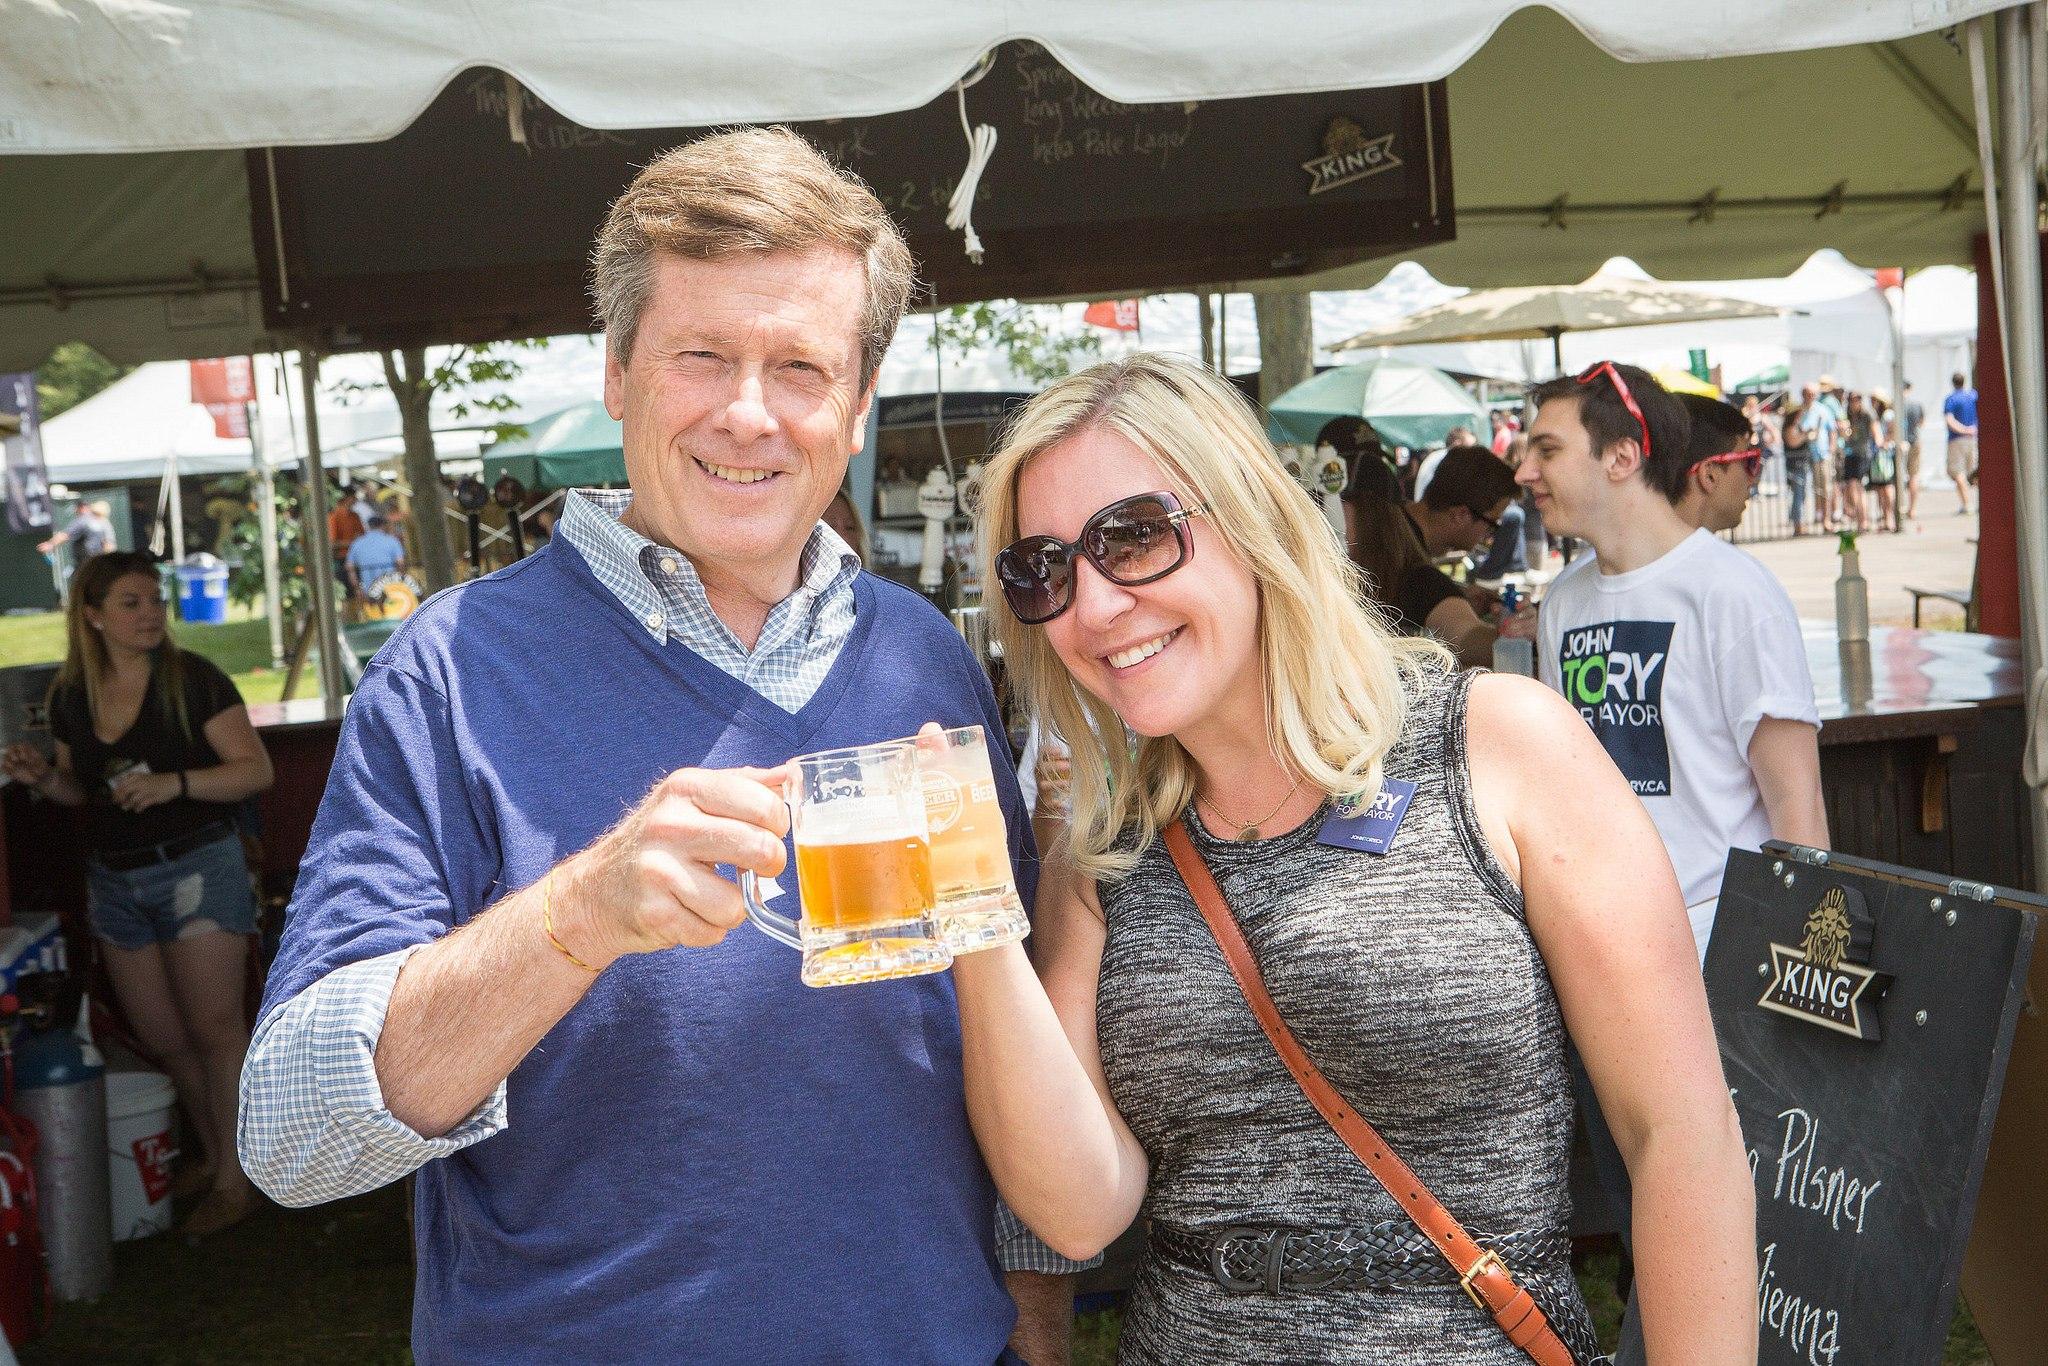 Toronto Festival of Beer John Tory